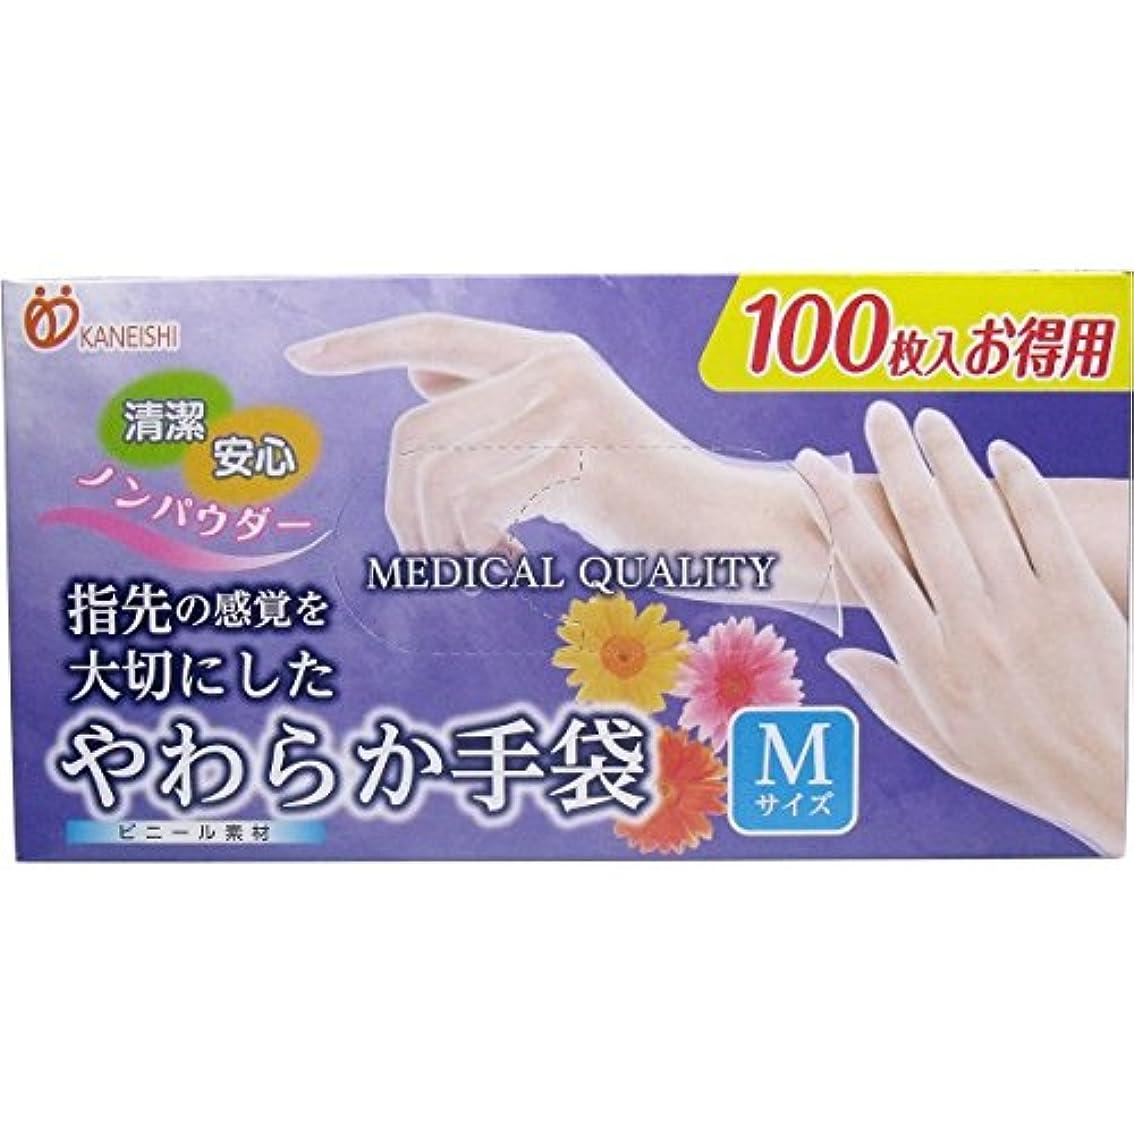 キリンモデレータ出来事やわらか手袋 ビニール素材 Mサイズ 100枚入x9